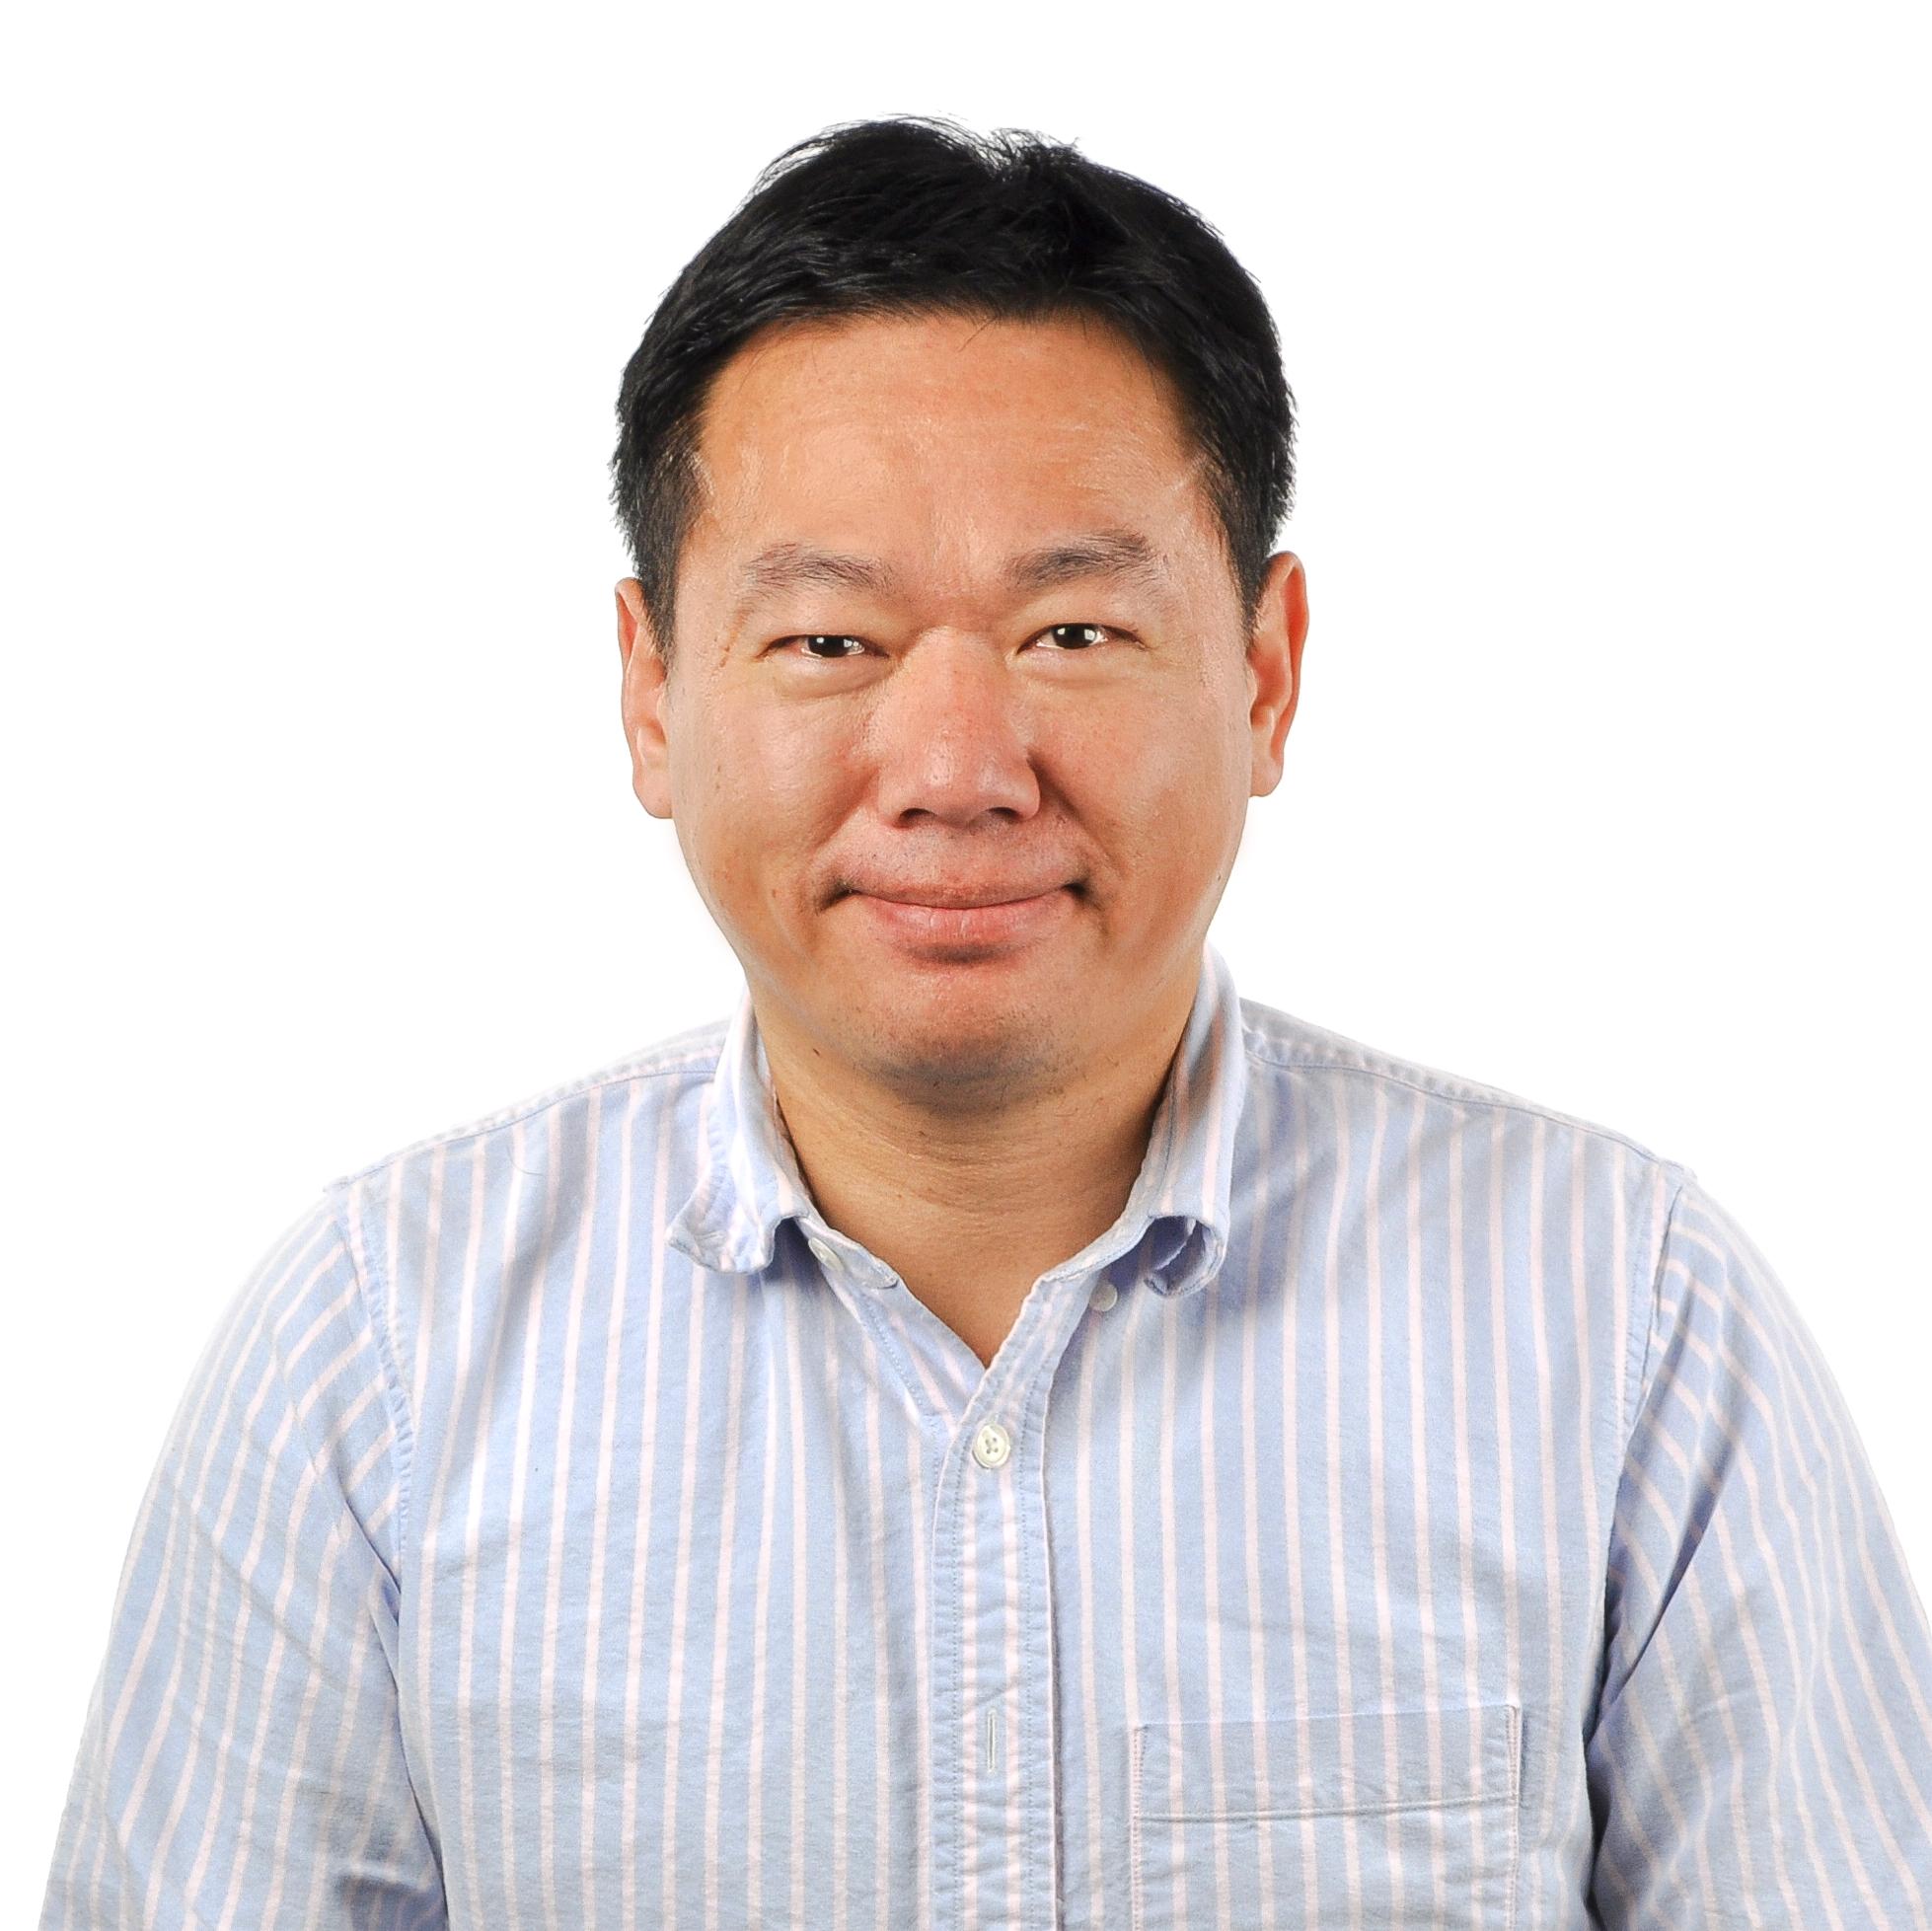 Kenny Lu